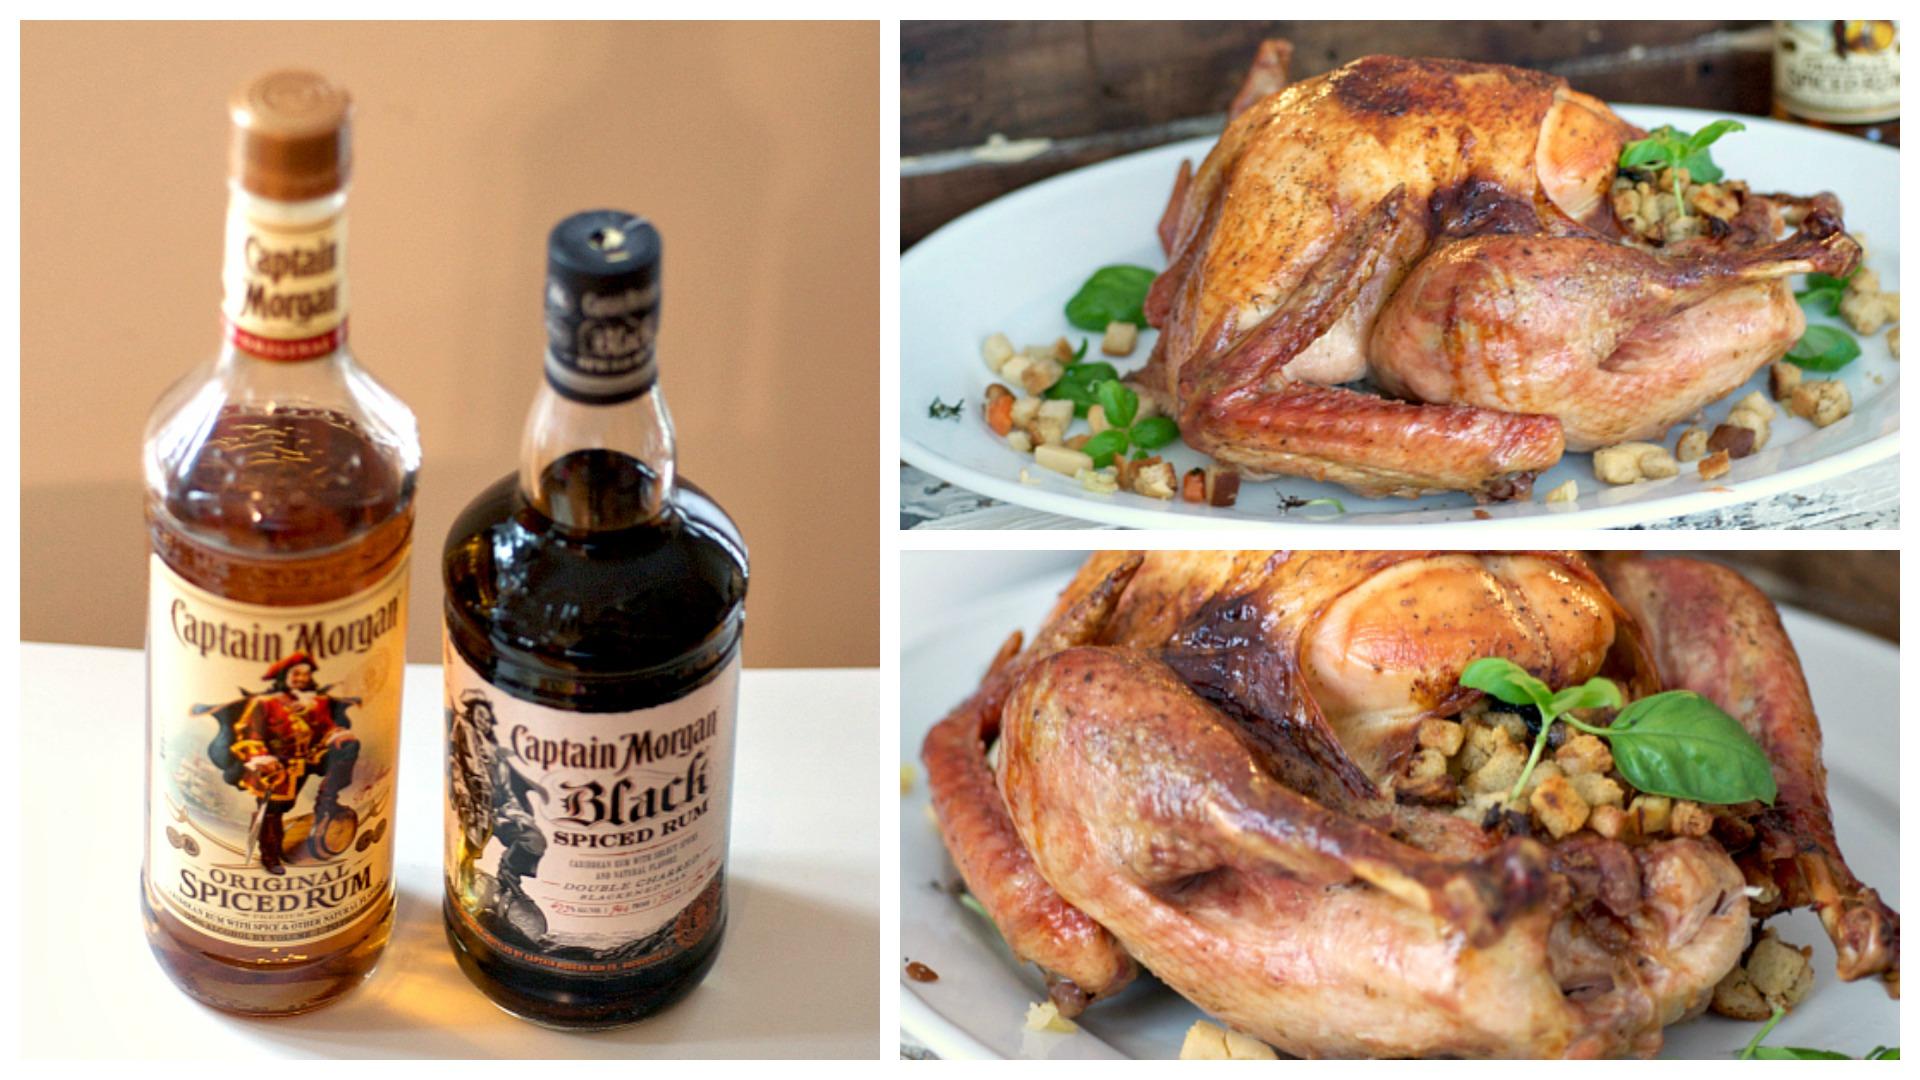 Rum glazed turkey recipe